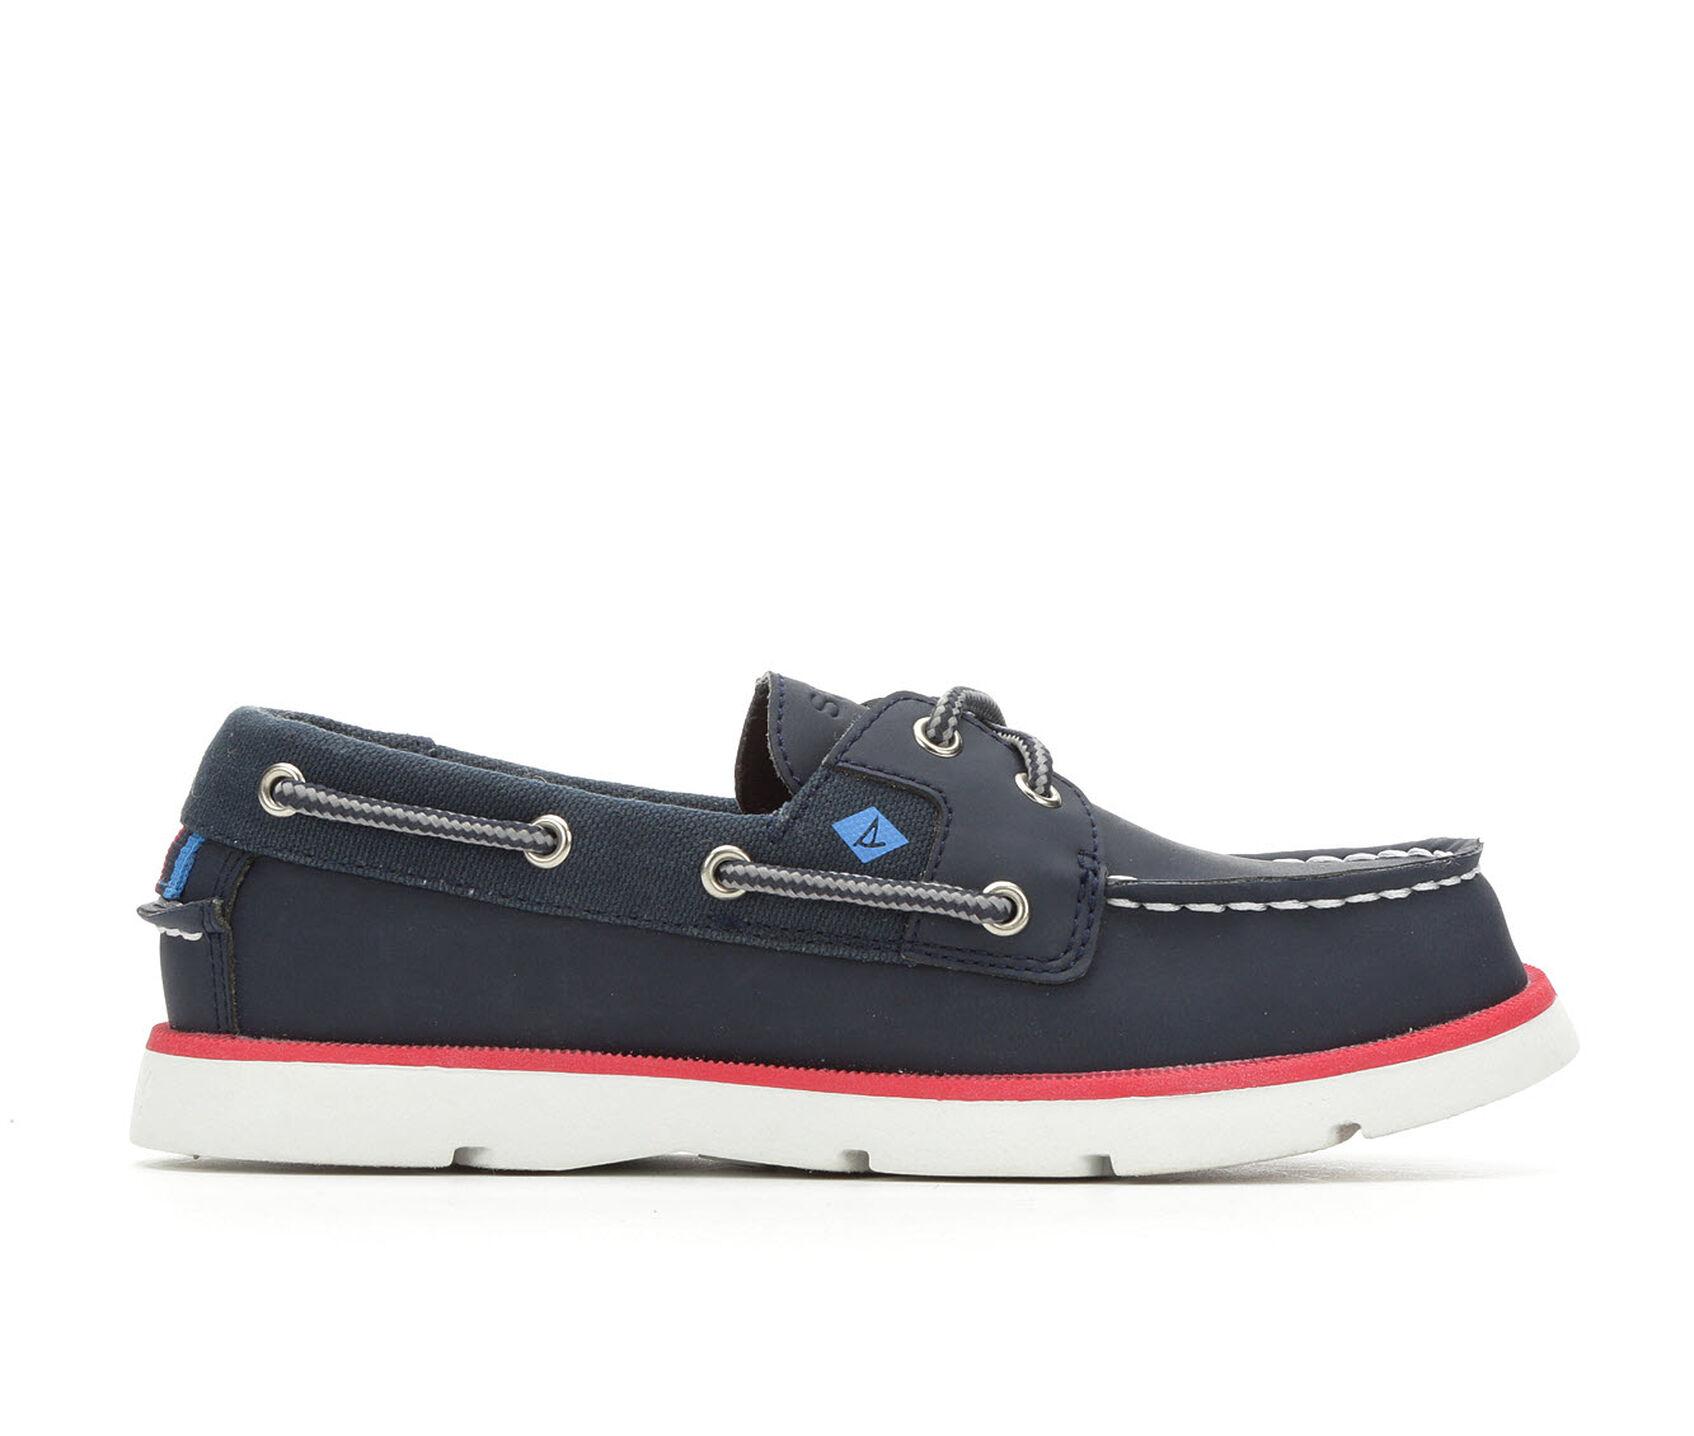 36008f0ef75c Boys' Sperry Little Kid & Big Kid Leeward Sport Boat Shoes | Shoe ...